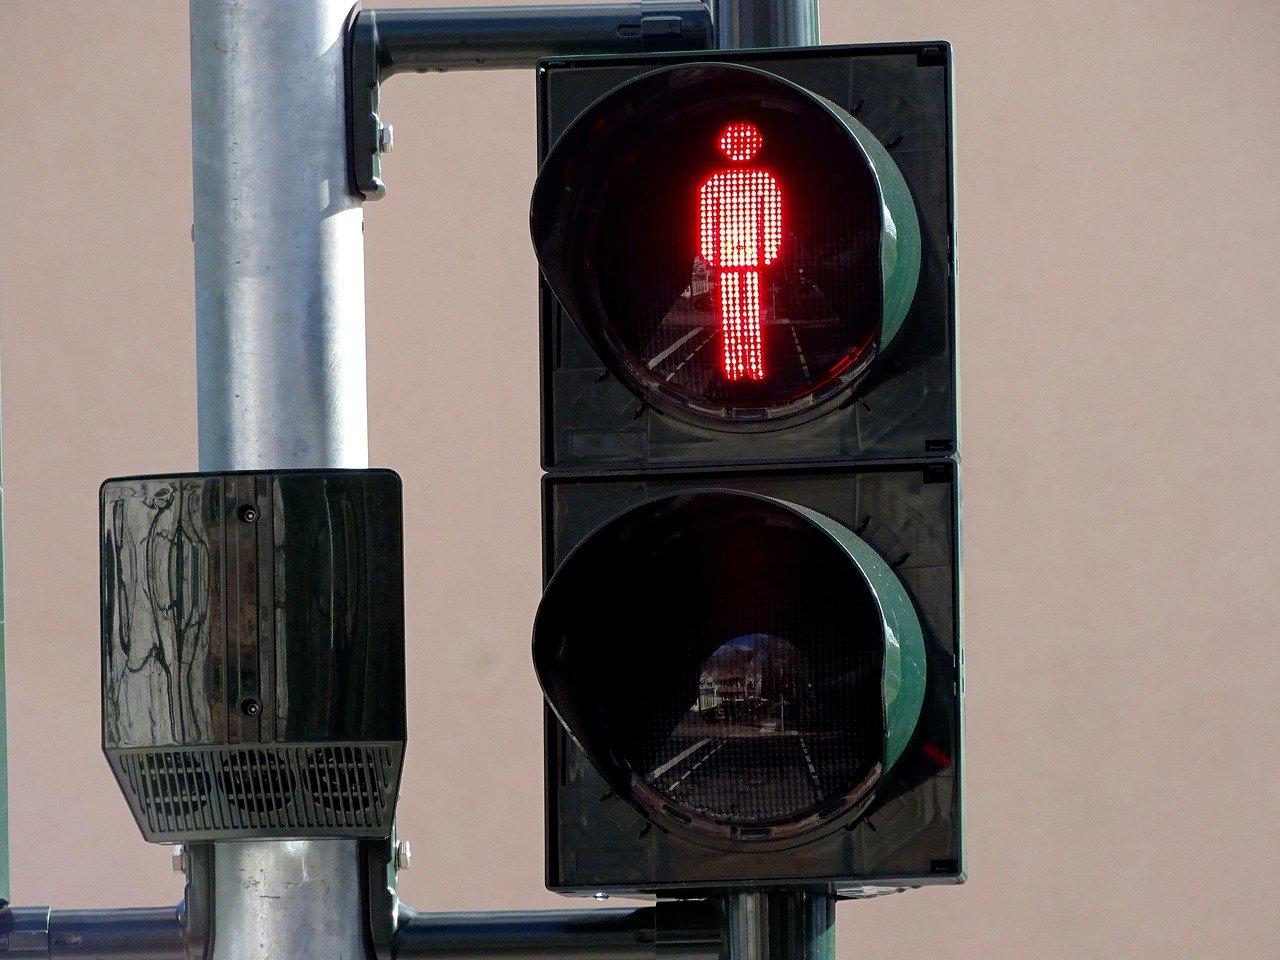 fußgänger_ampel_1499863683 Augsburg   Fußgängerin überquert bei Rotlicht die Straße und wird angefahren Augsburg Stadt News Polizei & Co  Presse Augsburg